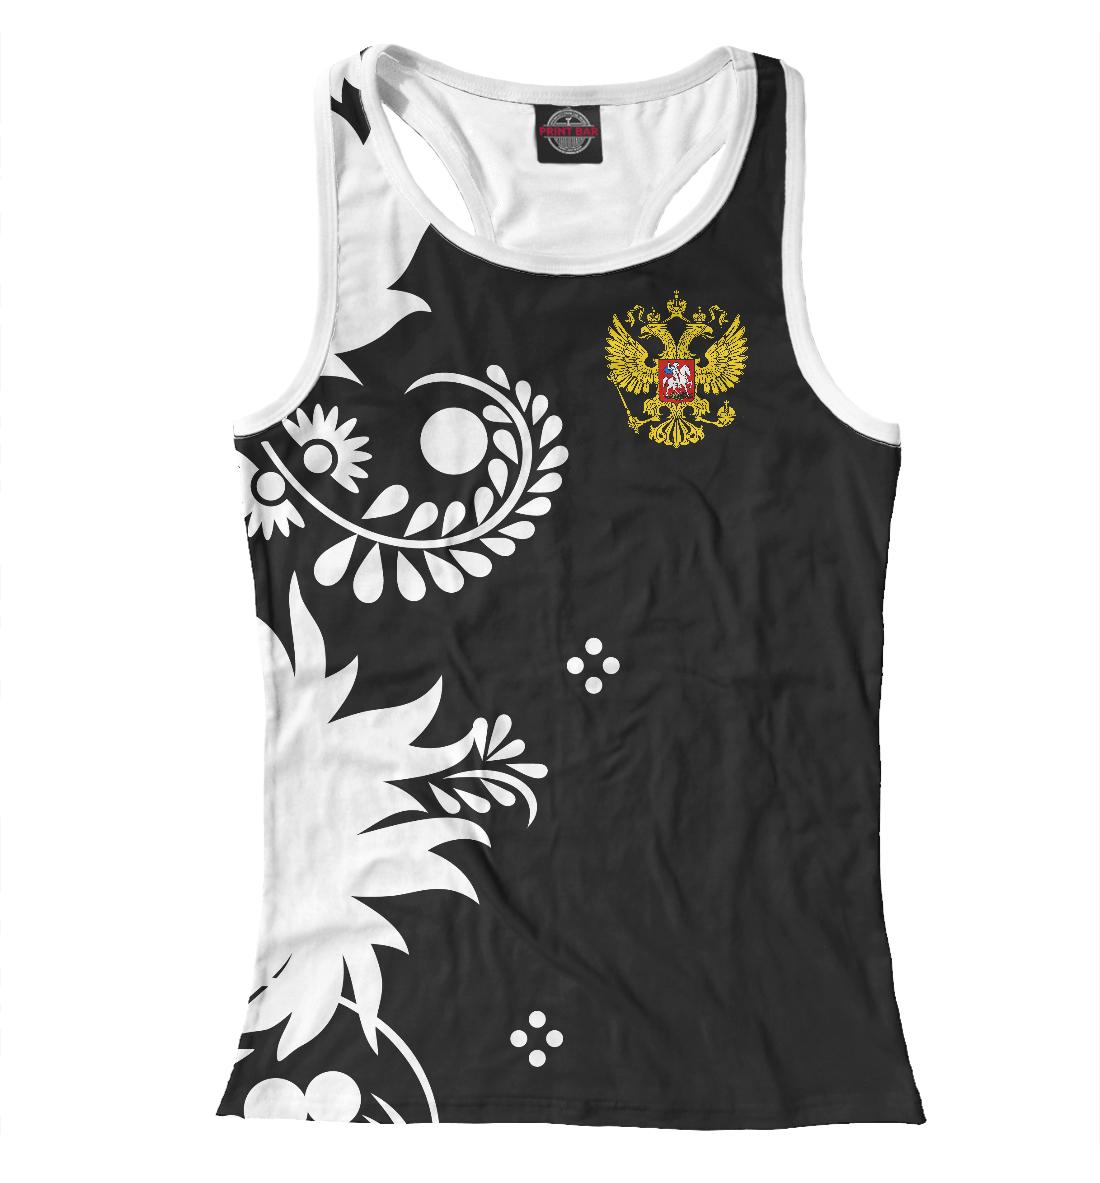 Купить Россия, Printbar, Майки борцовки, RZN-539122-mayb-1